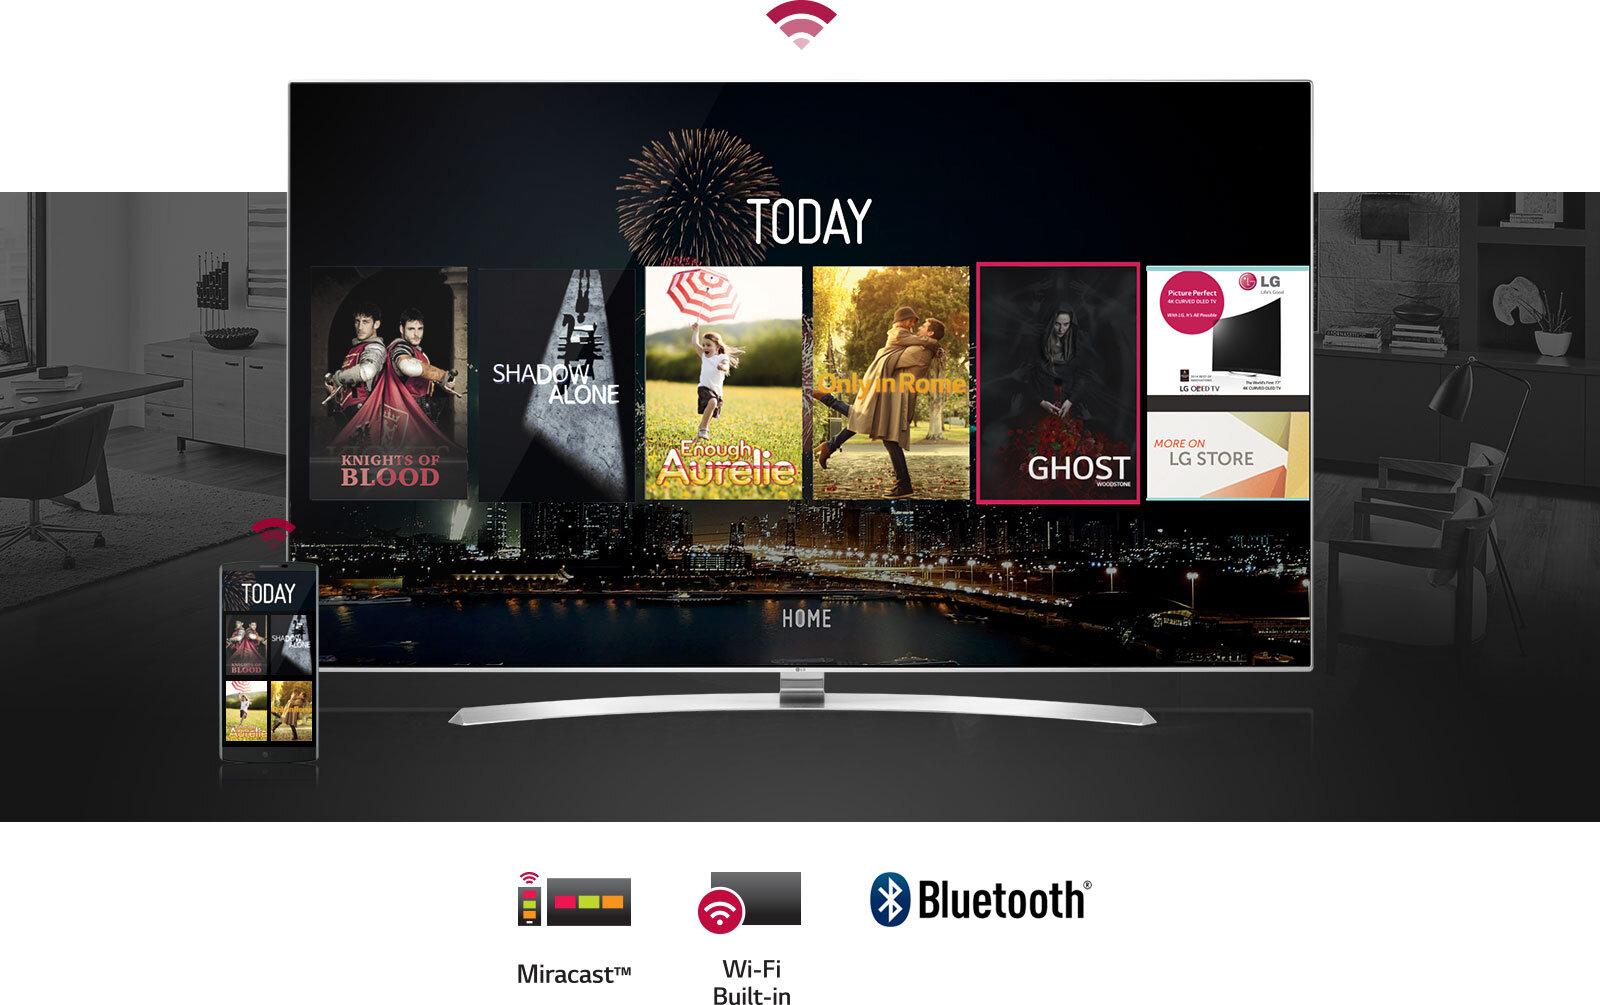 Smart tivi LG tích hợp nhiều ứng dụng